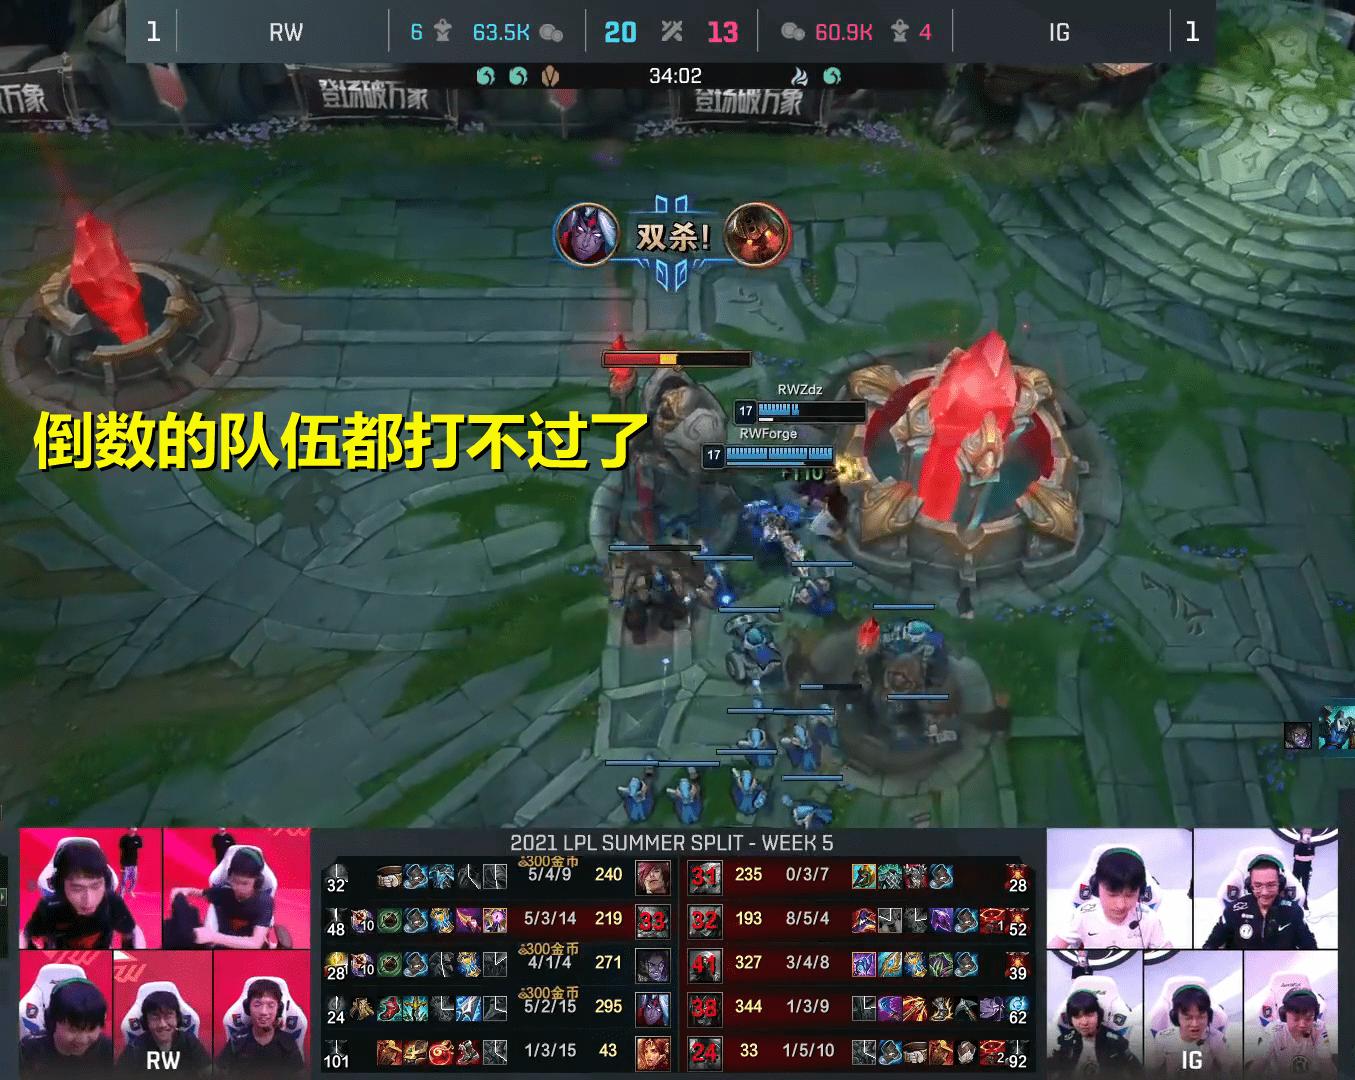 原创IG败给RW创耻辱纪录,Xun不捡先锋Wink被喷上热搜,官博比RNG还惨